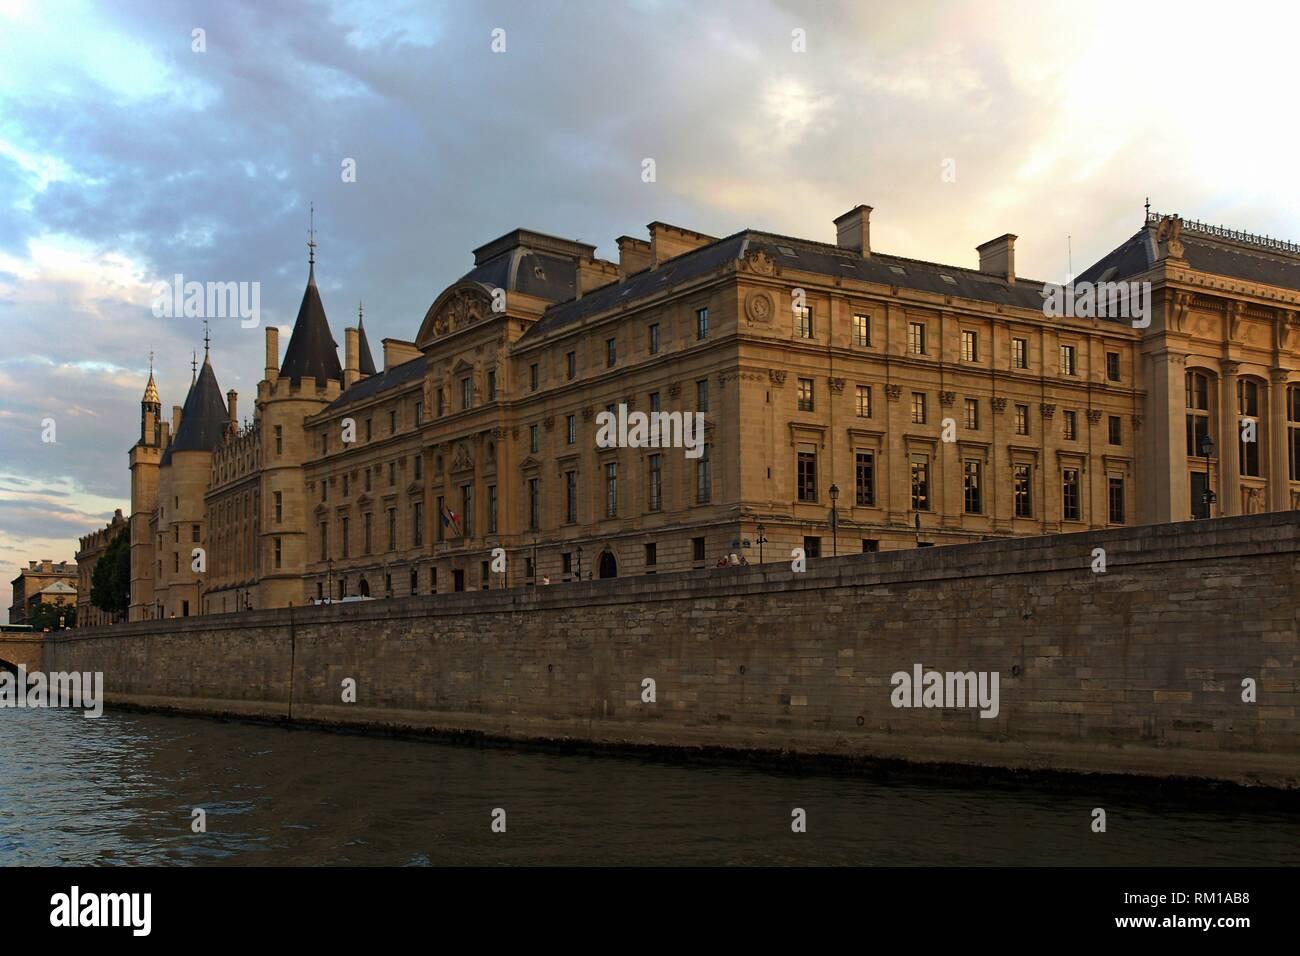 Paris (France). La Conciergerie on Ile de la Cité in Paris city. Stock Photo